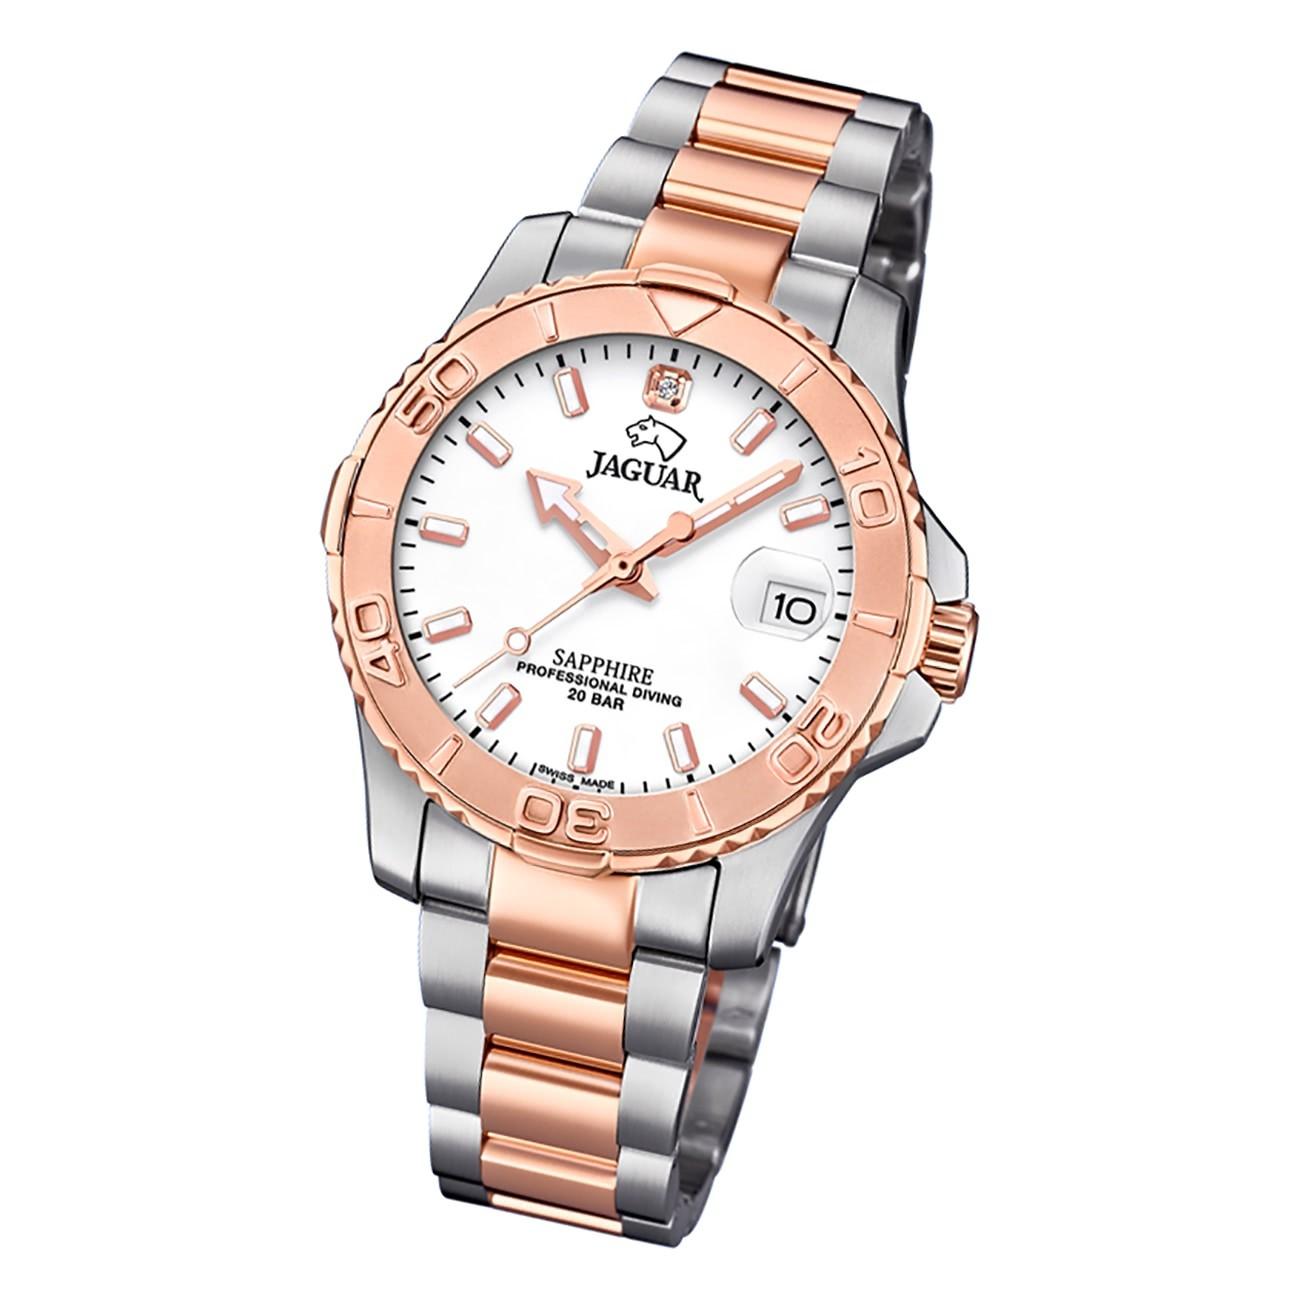 Jaguar Damen Armbanduhr Cosmopolitan J871/1 Edelstahl silber rosegold UJ871/1